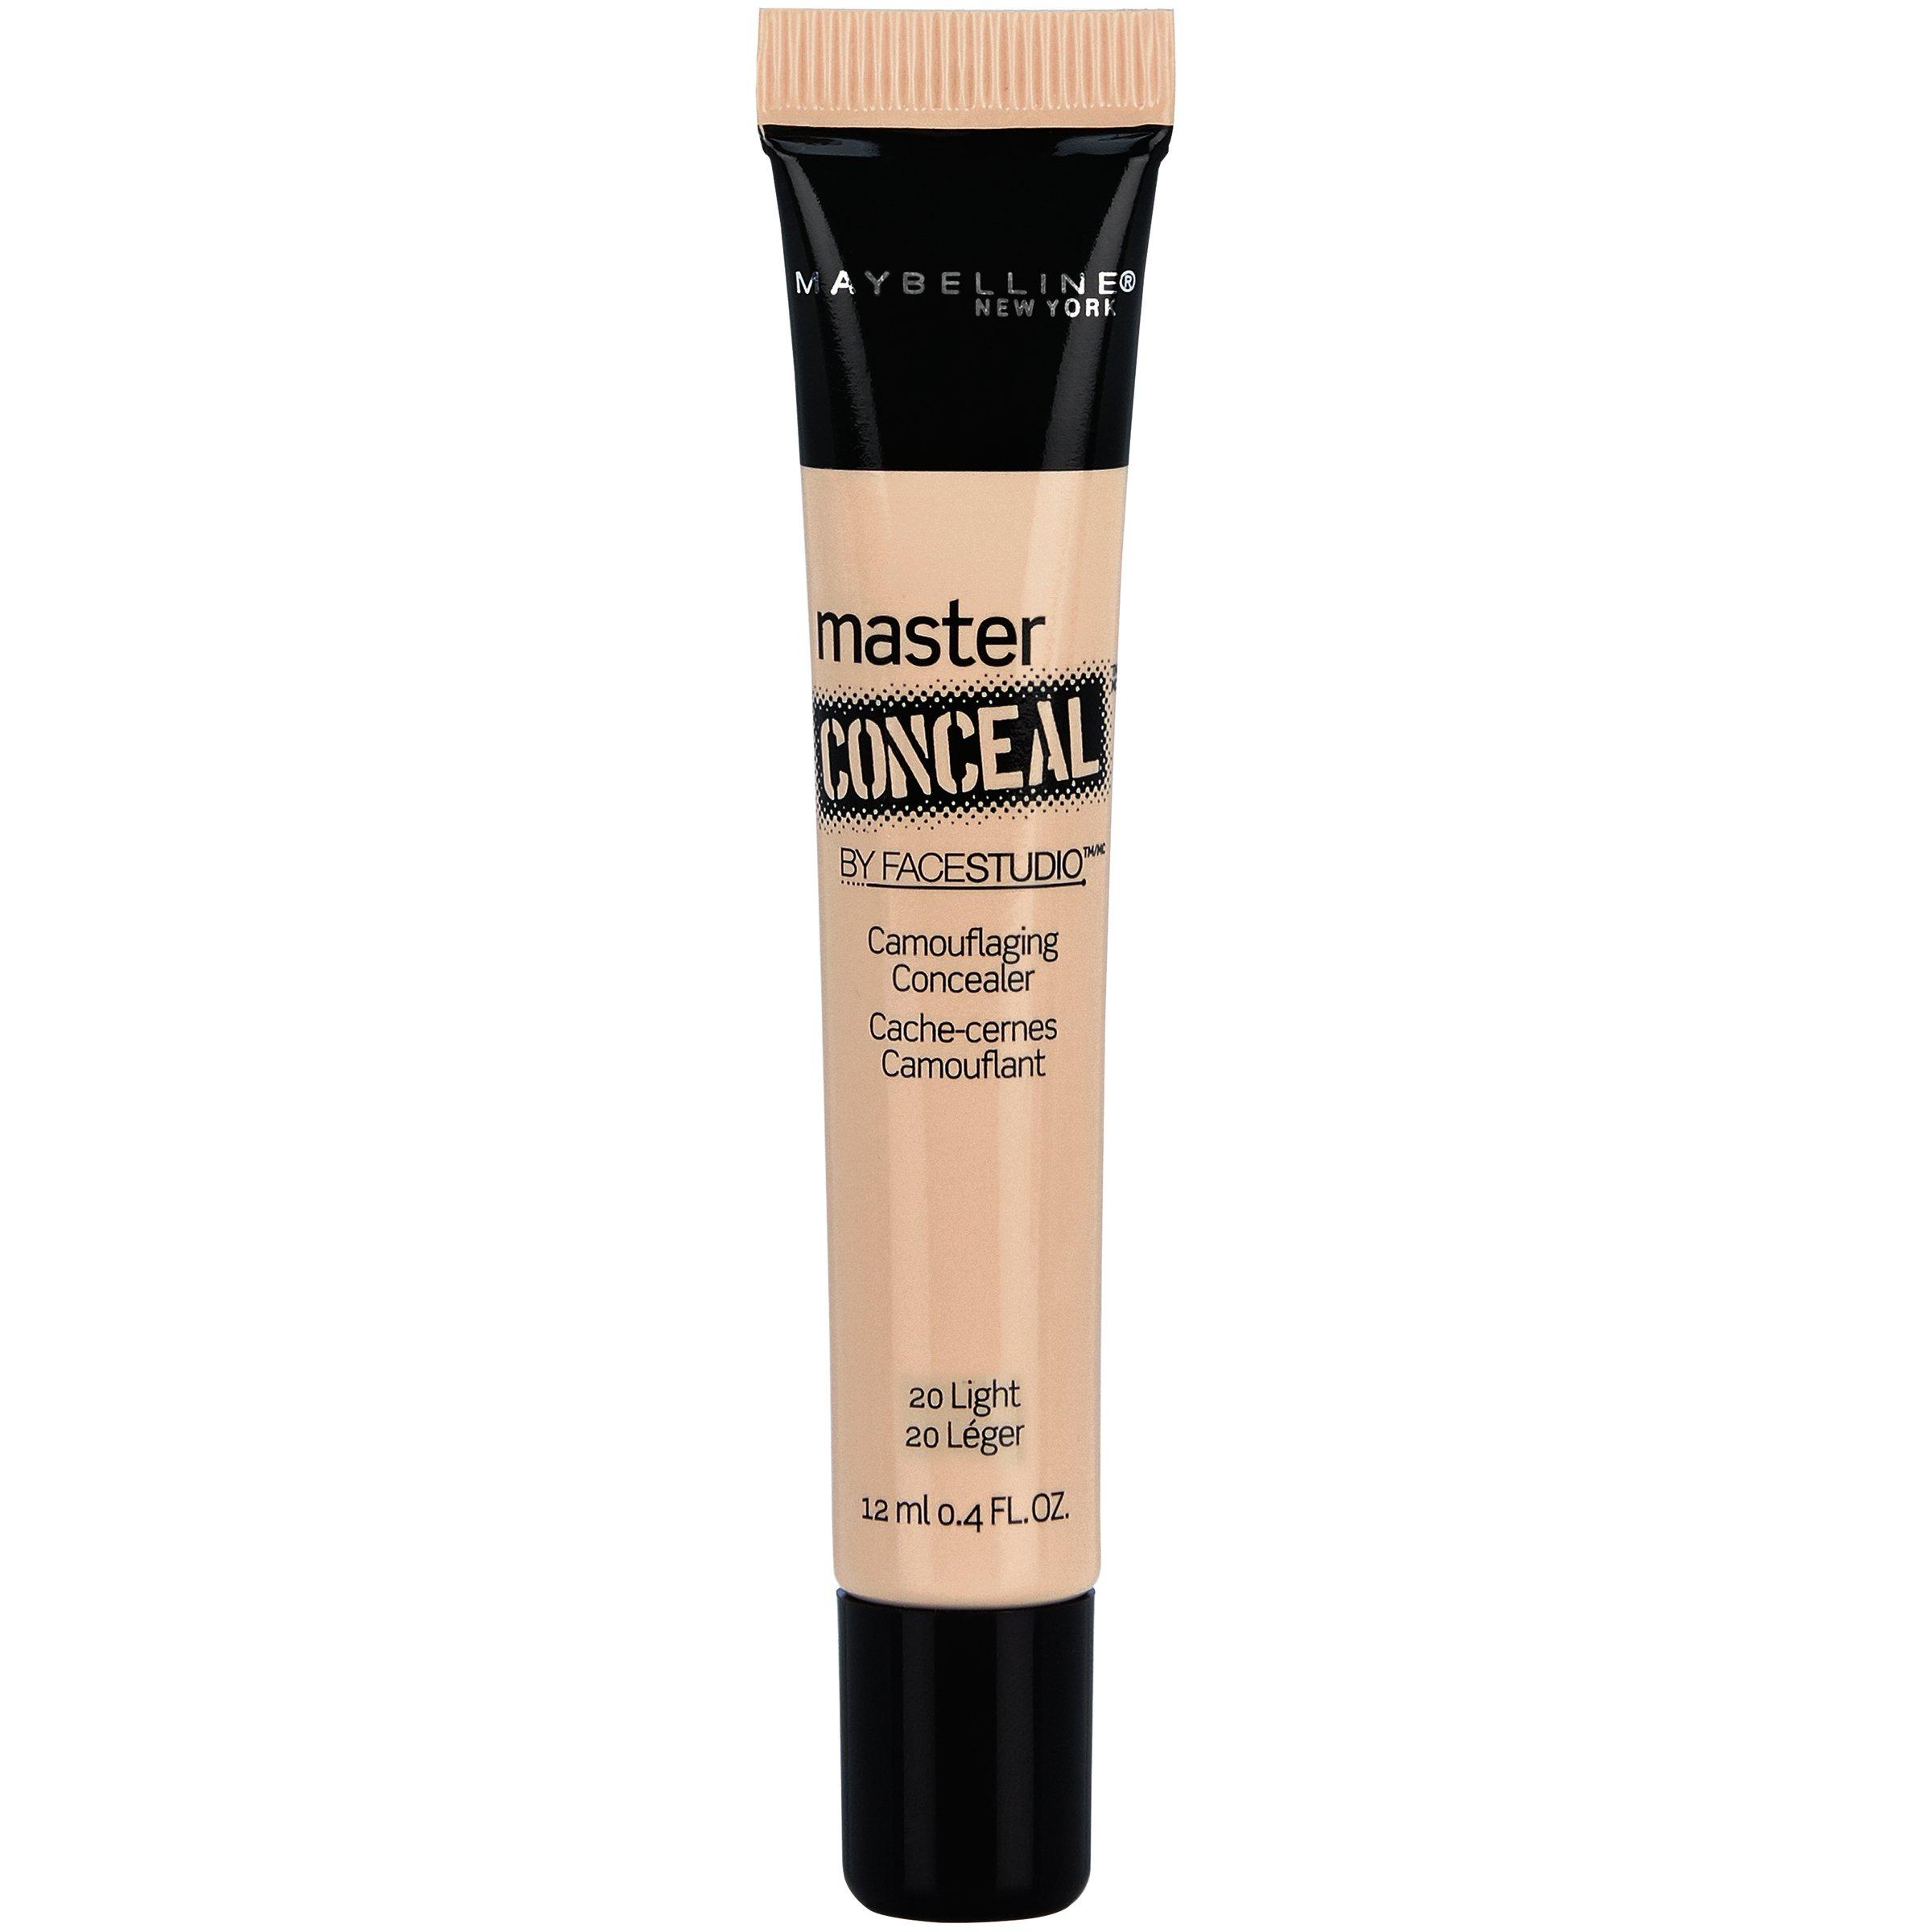 Maybelline New York Facestudio Master Conceal Makeup, Light, 0.4 fl. oz.